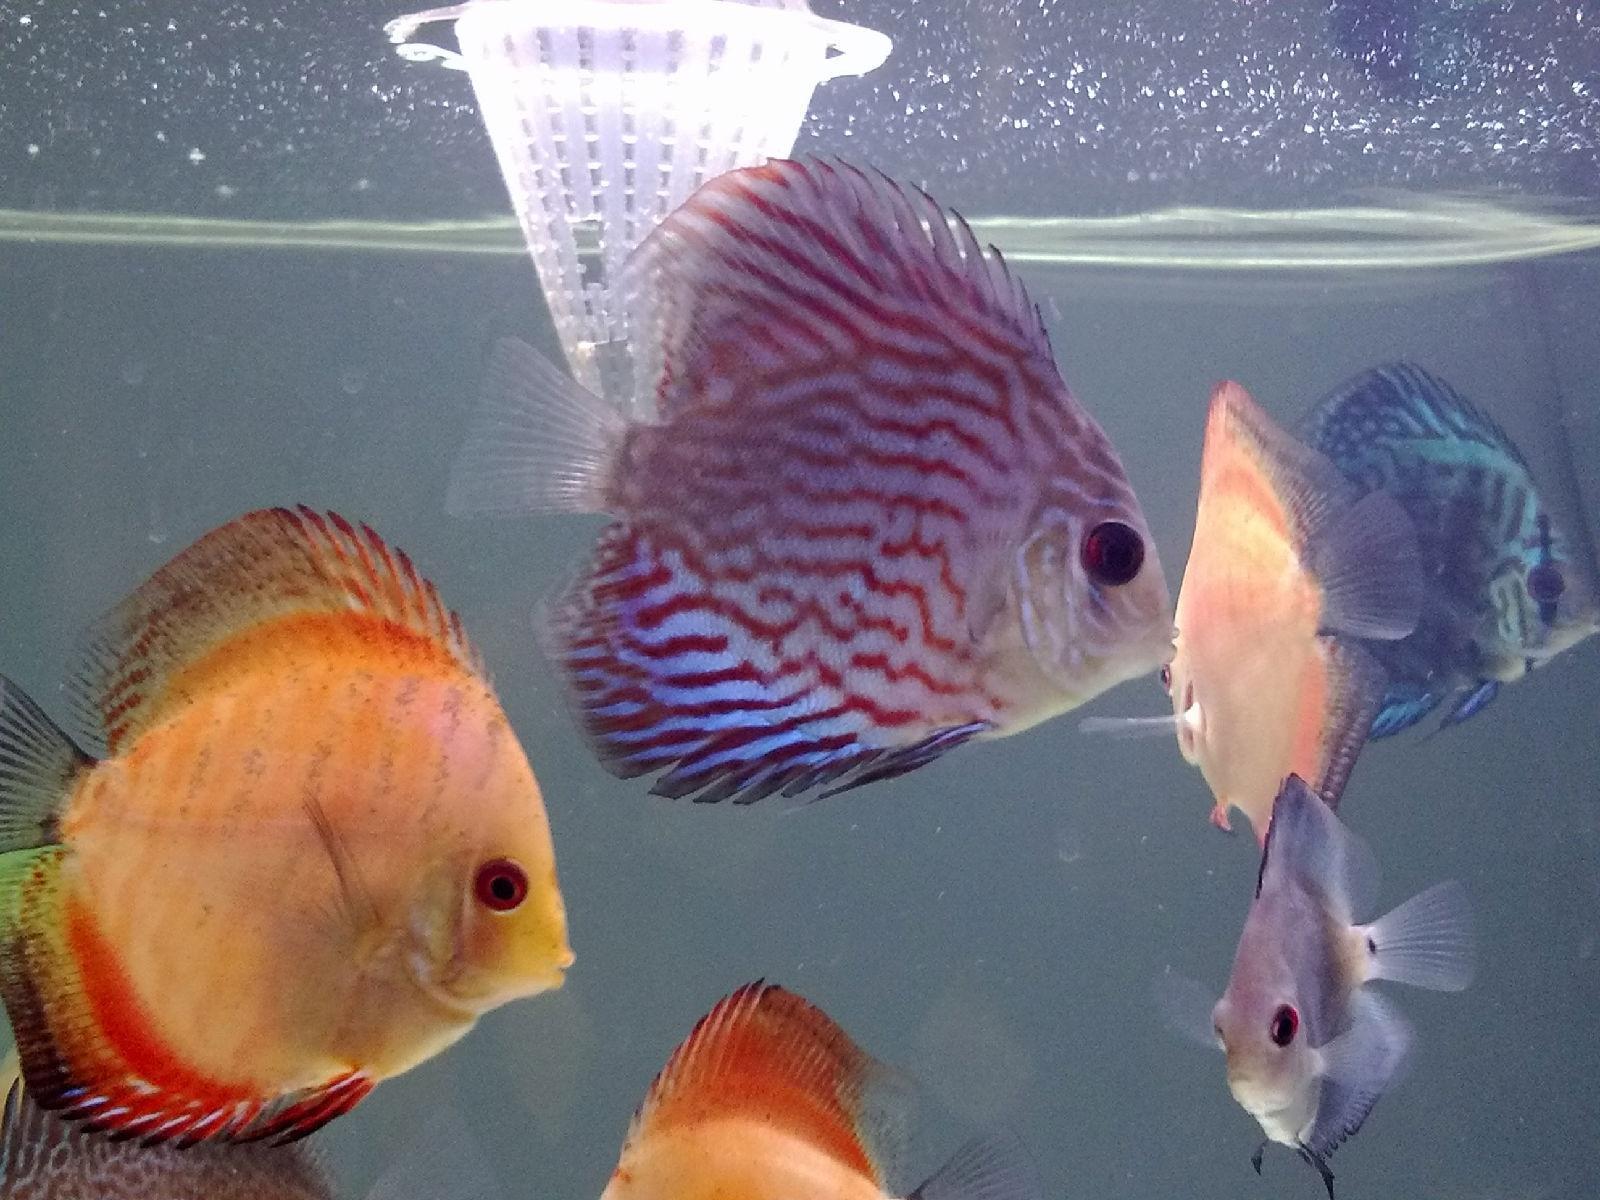 饲养高鳍红箭的鱼友欢迎一起交流 - 小组讨论 - 豆瓣